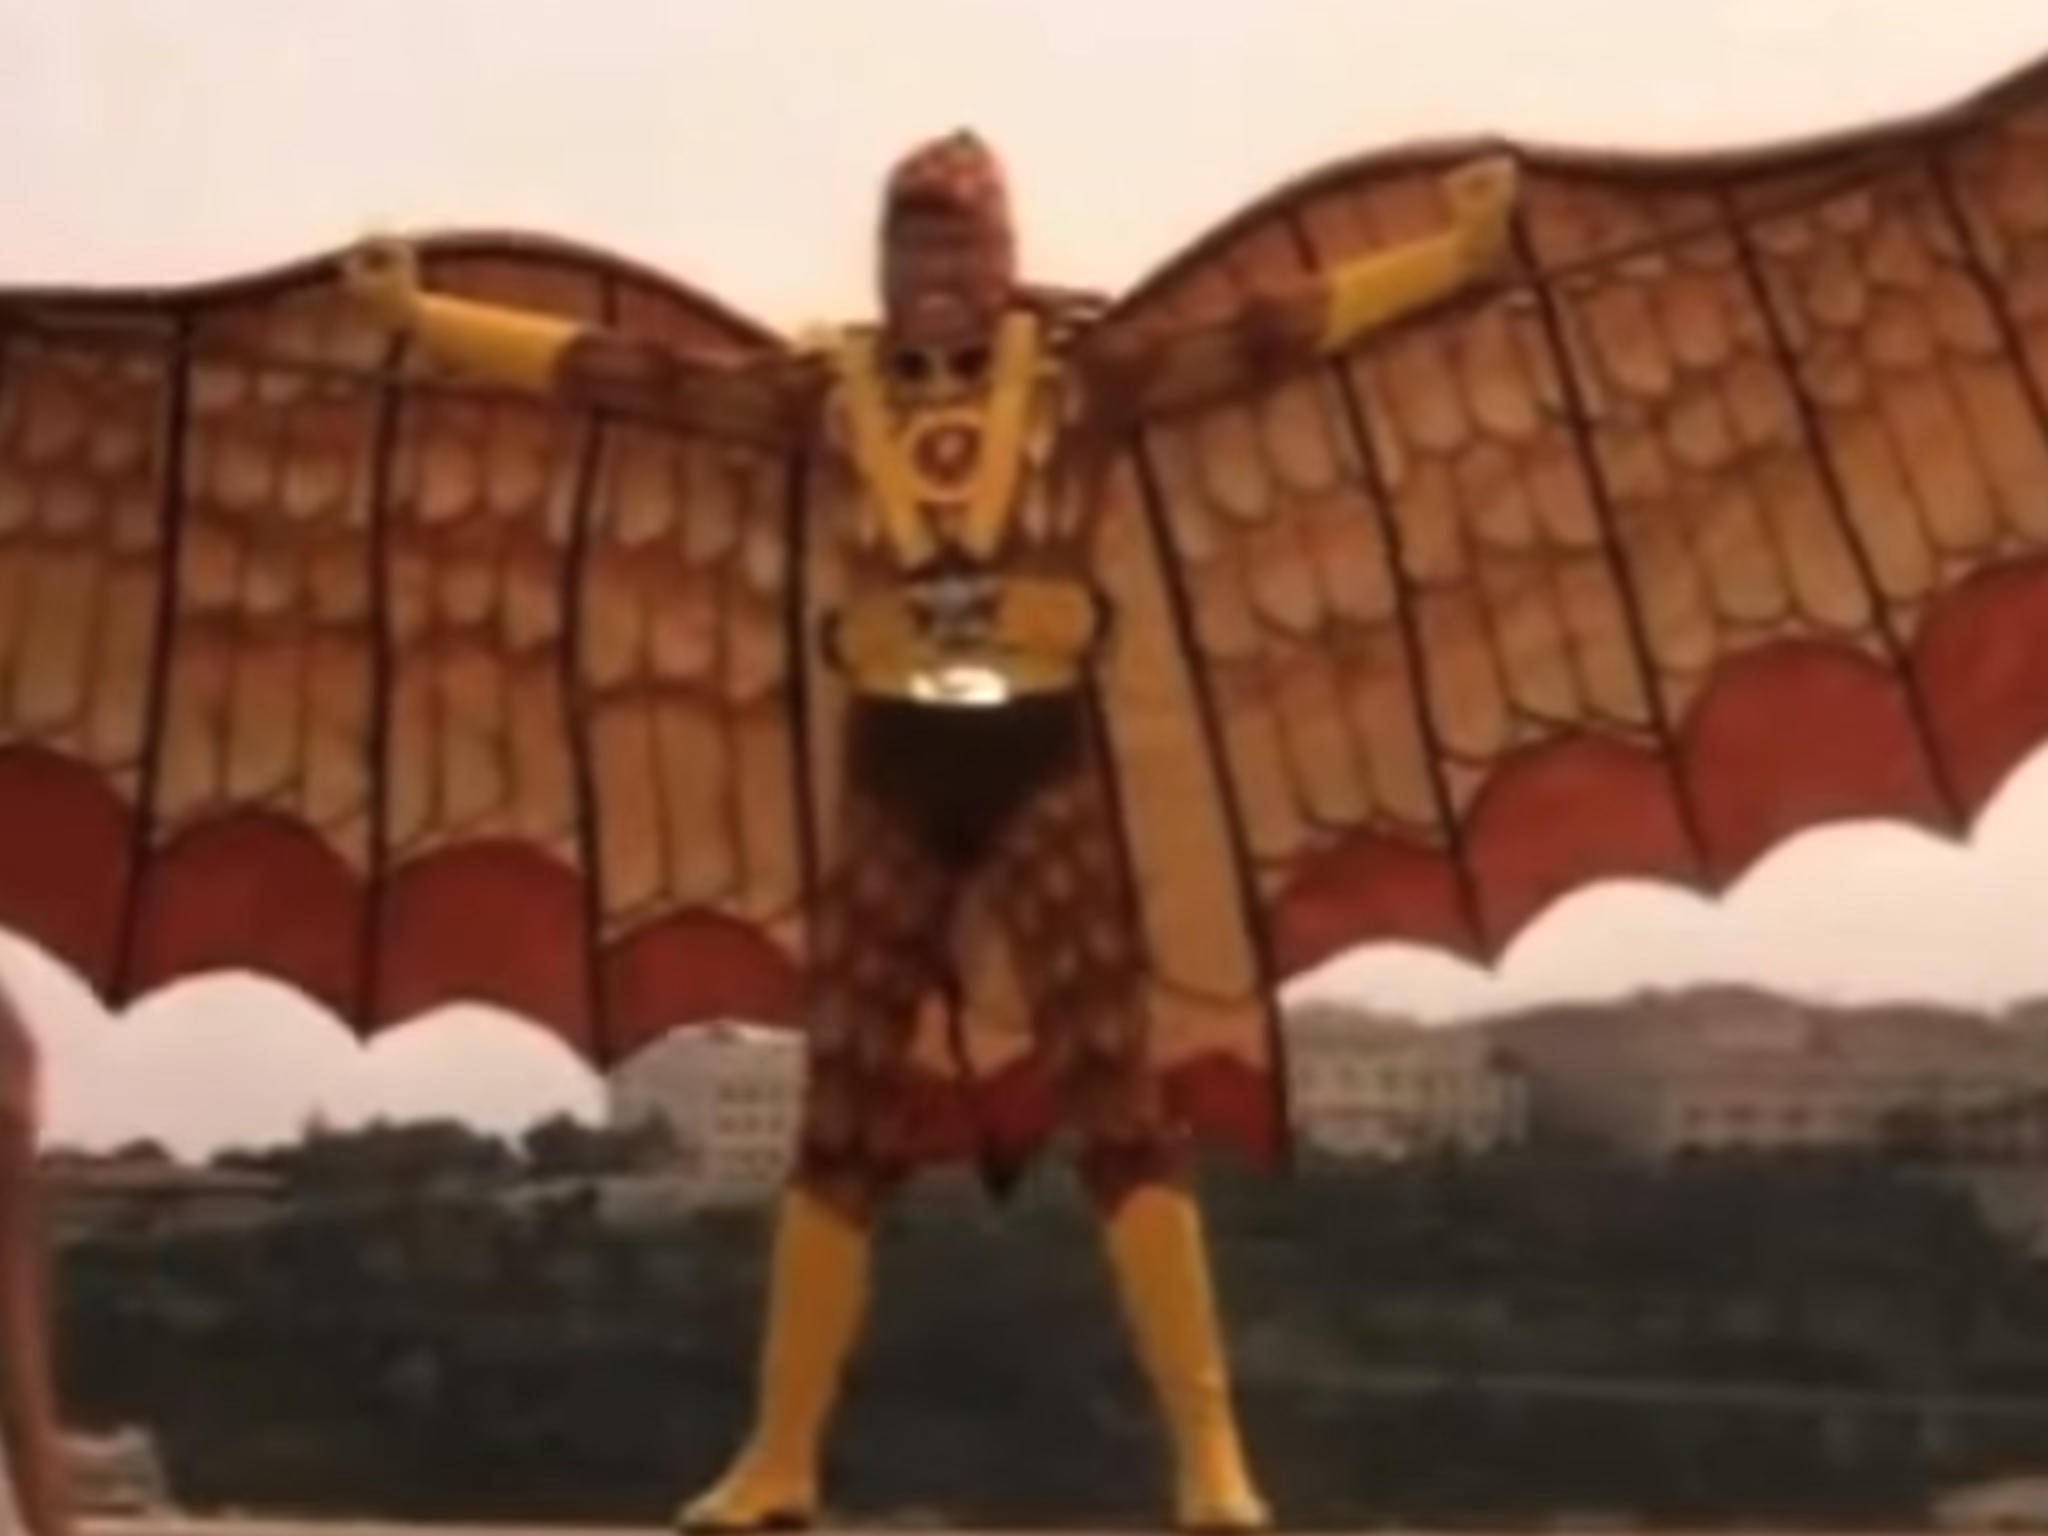 """Wer kennt diesen geflügelten Kameraden? """"Condorman"""" gehört zu den eher weniger bekannten Superhelden – wahrscheinlich zu Recht."""